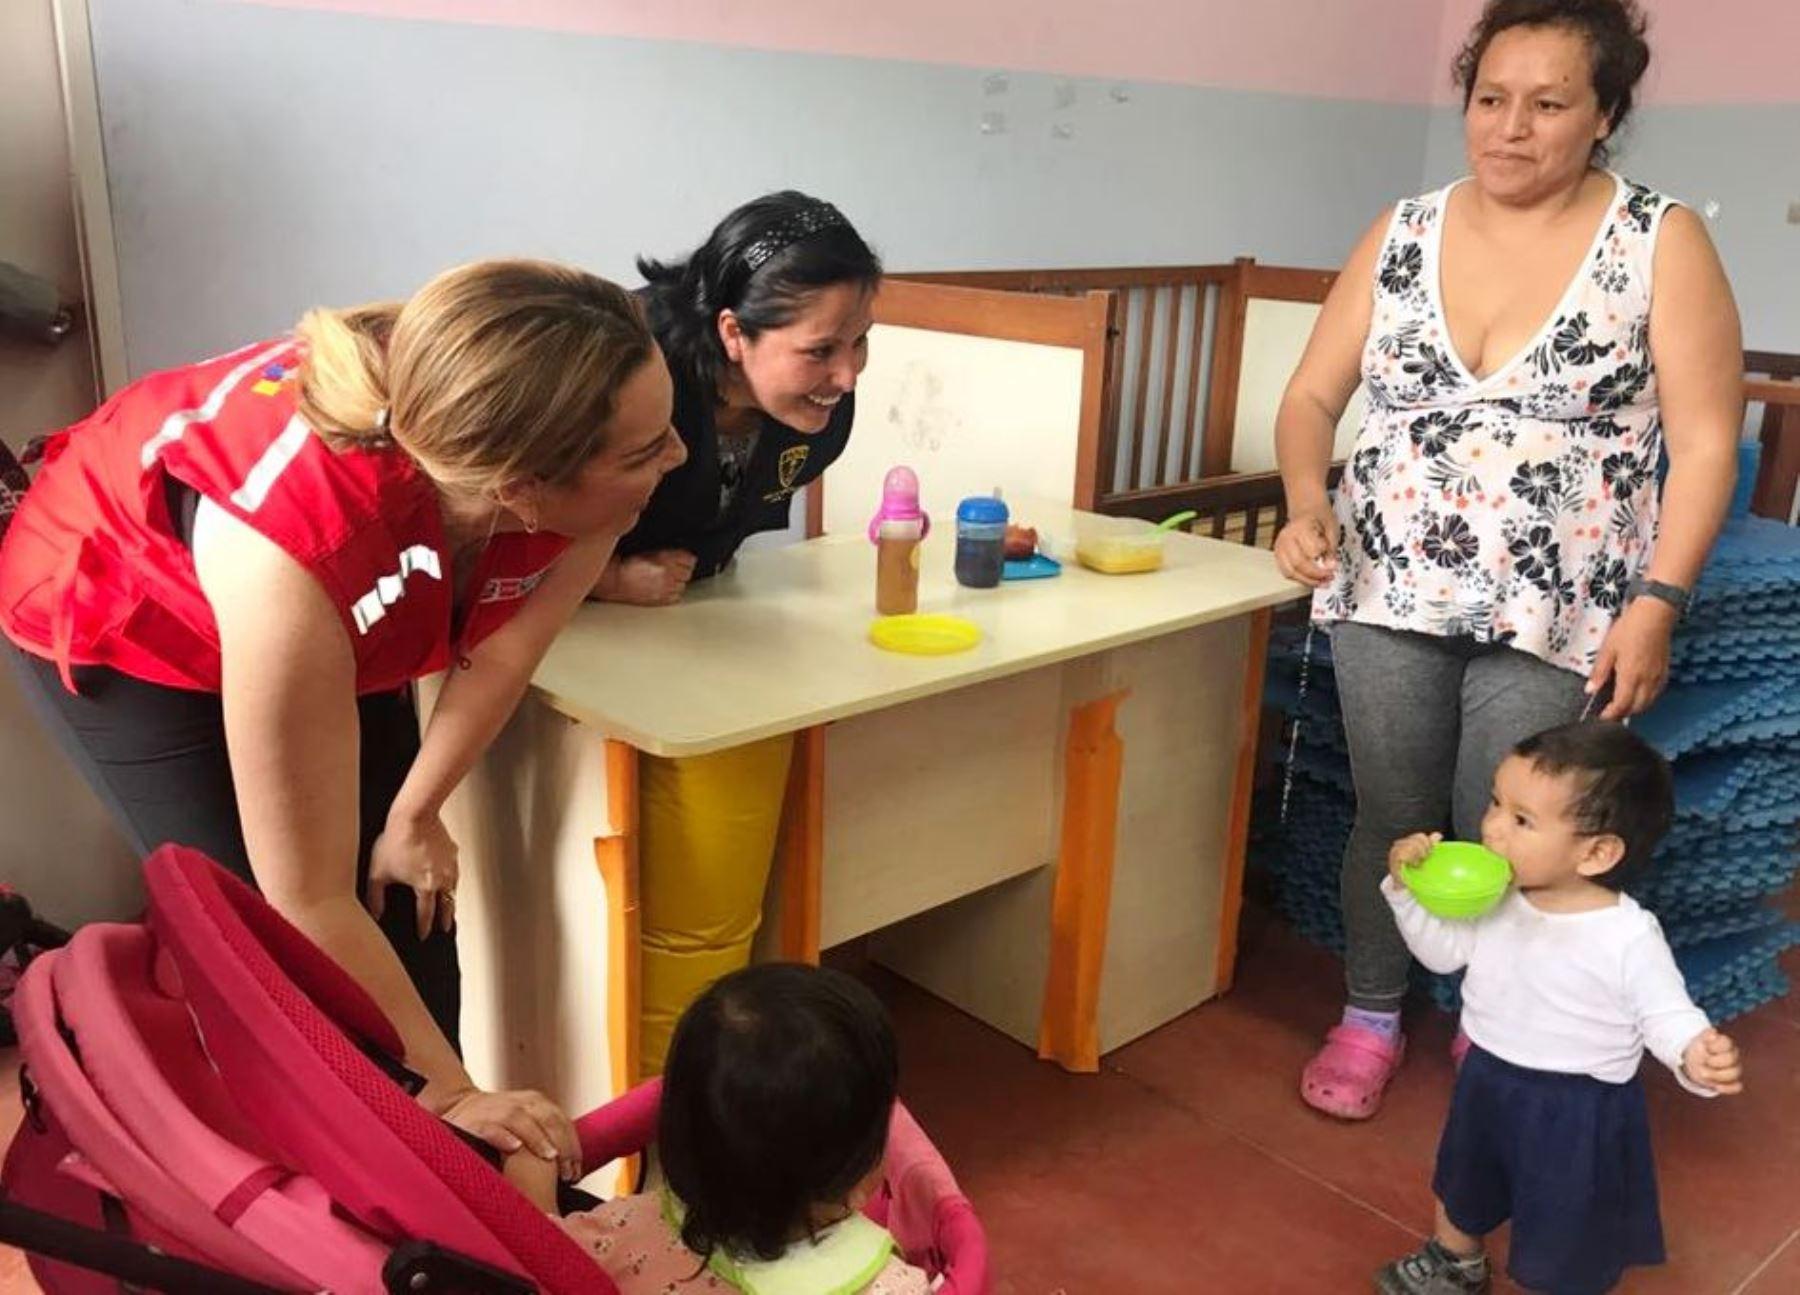 Midis ingresará a penales para dar nutrición y desarrollo integral a hijos de internas. Foto: ANDINA/Difusión.